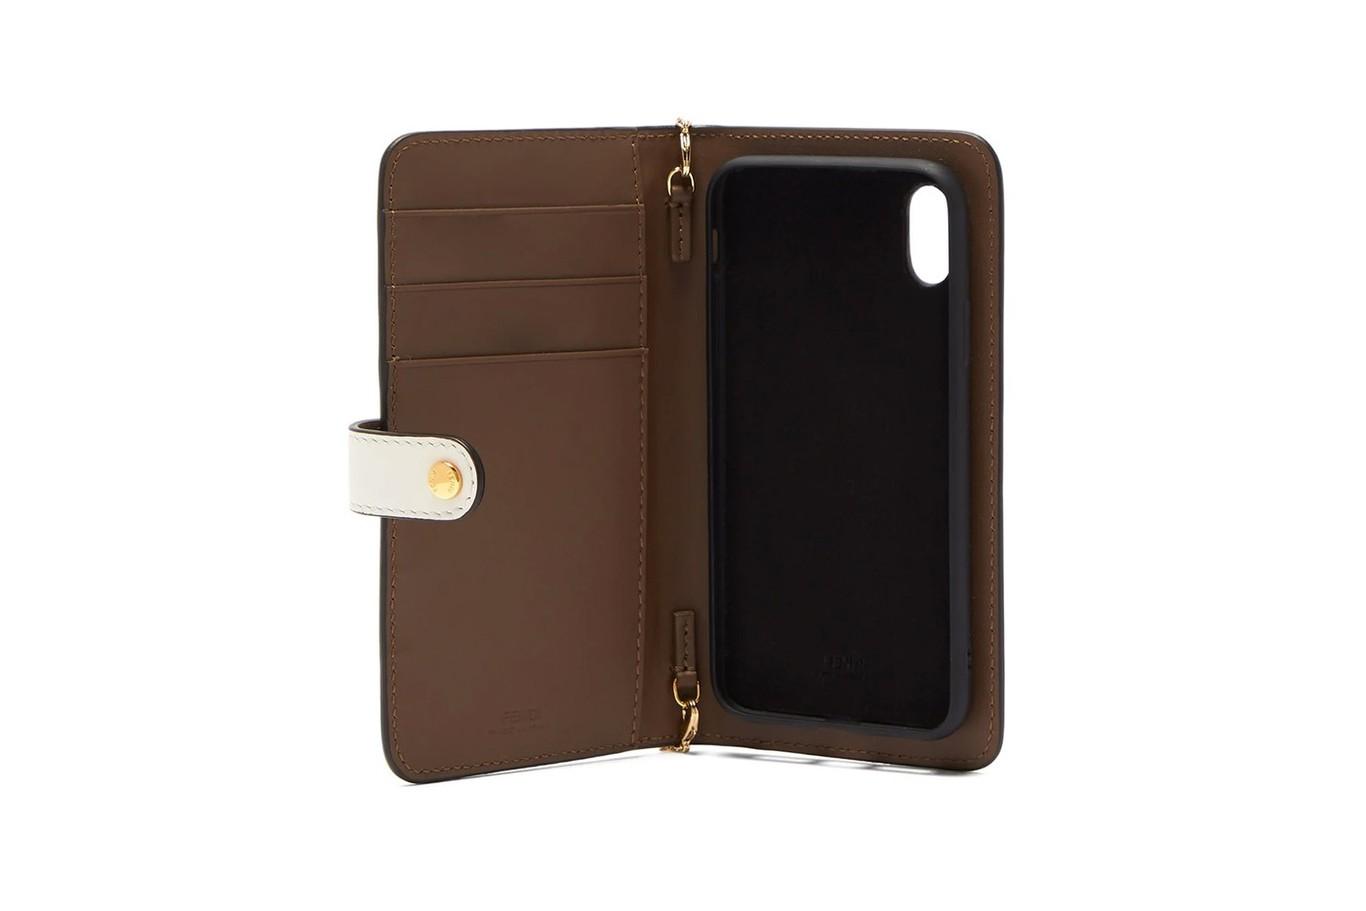 Fendi lanza una funda para el móvil de lujo que también es bolso